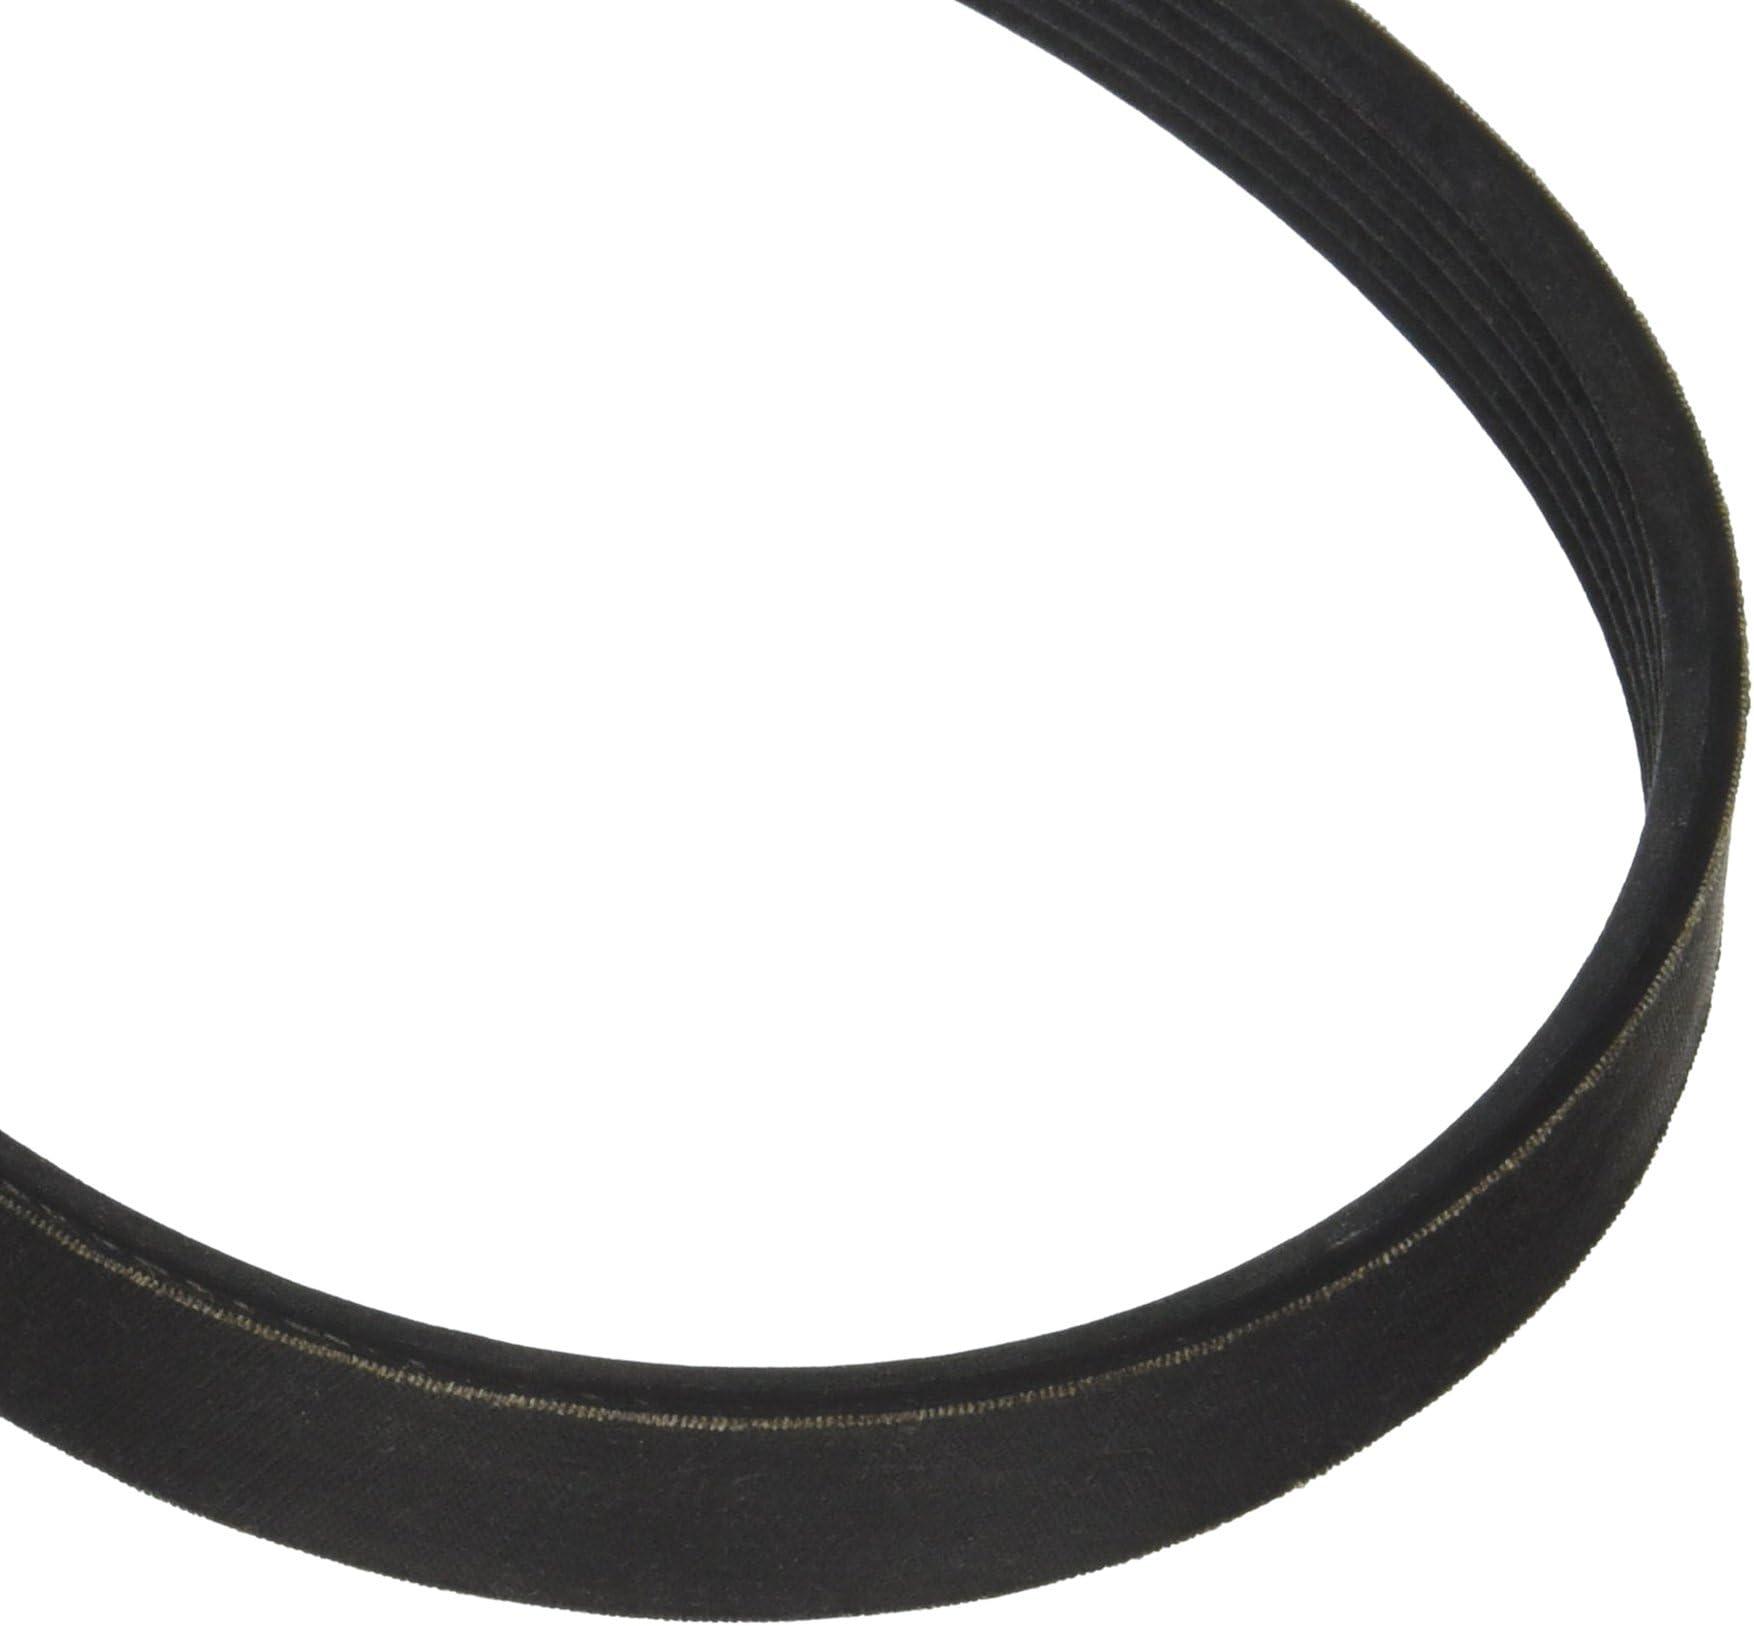 D/&D PowerDrive 56992P0AJ01 Honda Motors Replacement Belt